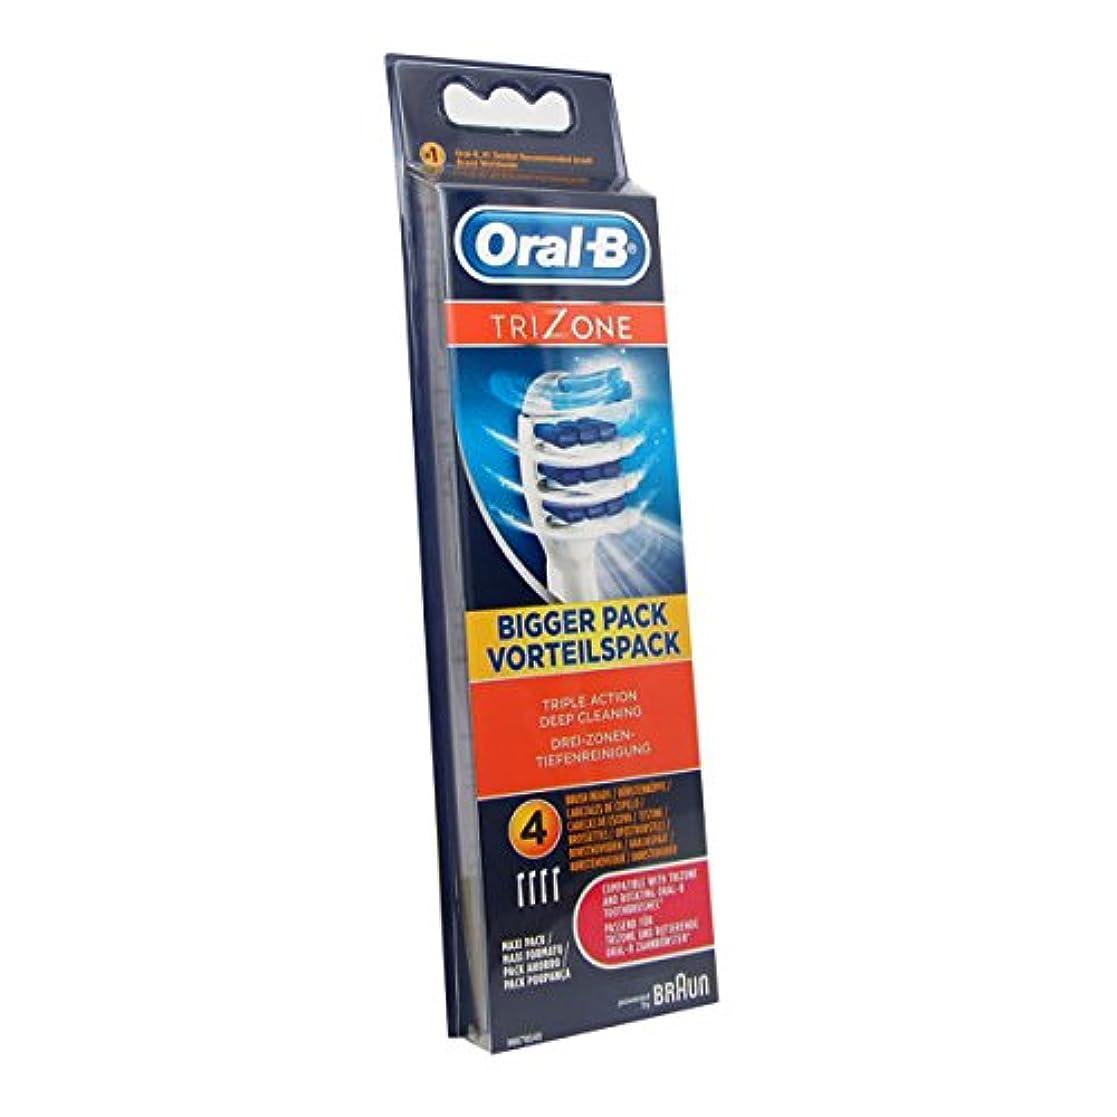 ありふれた金属護衛Oral B Trizone Replacement Brush X4 [並行輸入品]